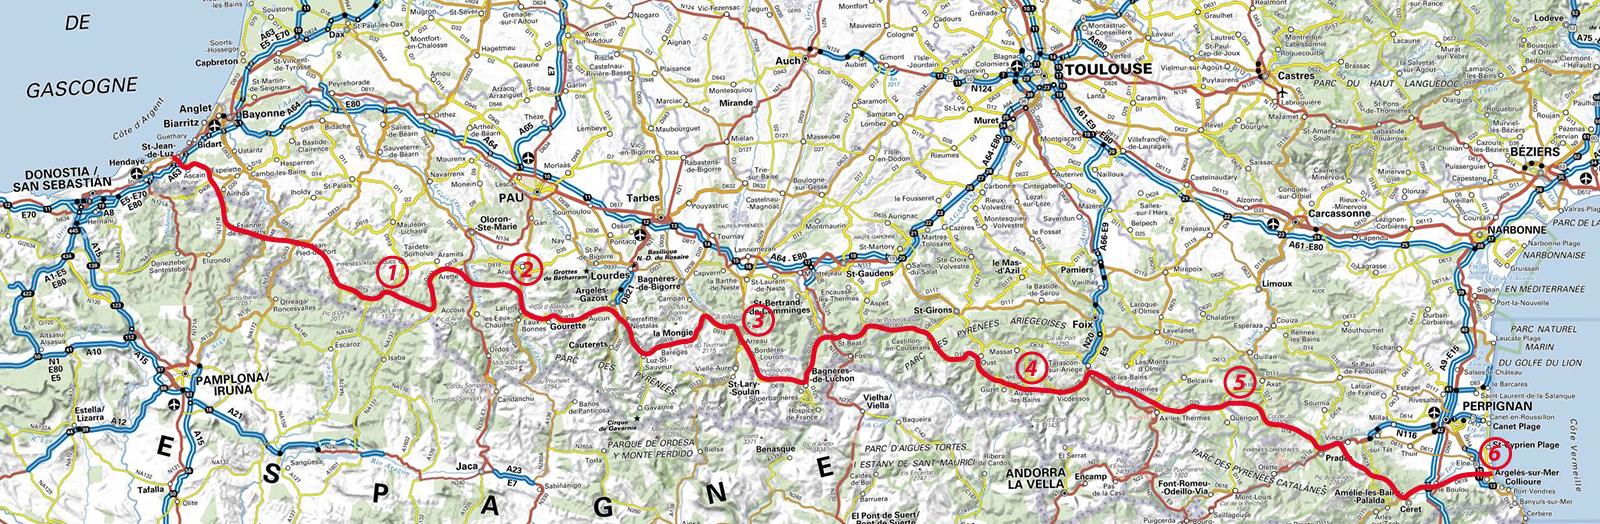 carte traversée des pyrénées à vélo Les actus en montagne et ailleurs: Traversée des Pyrénées en vélo